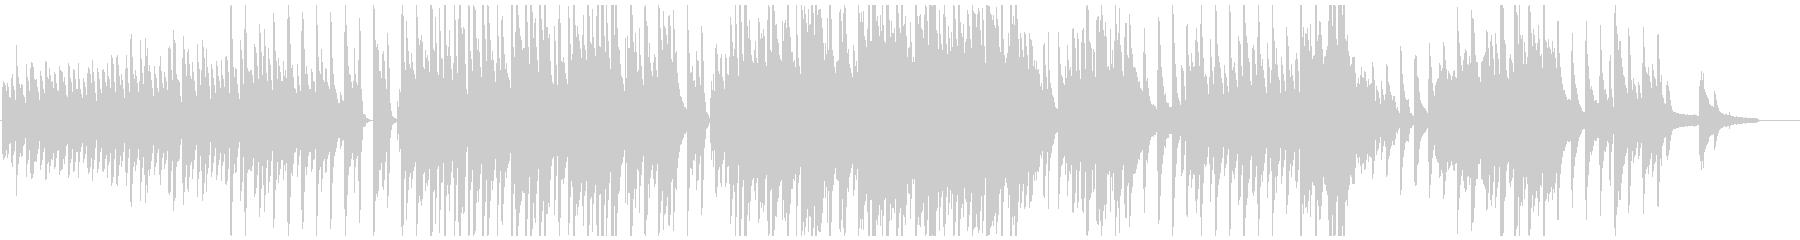 穏やかなピアノのワルツの未再生の波形